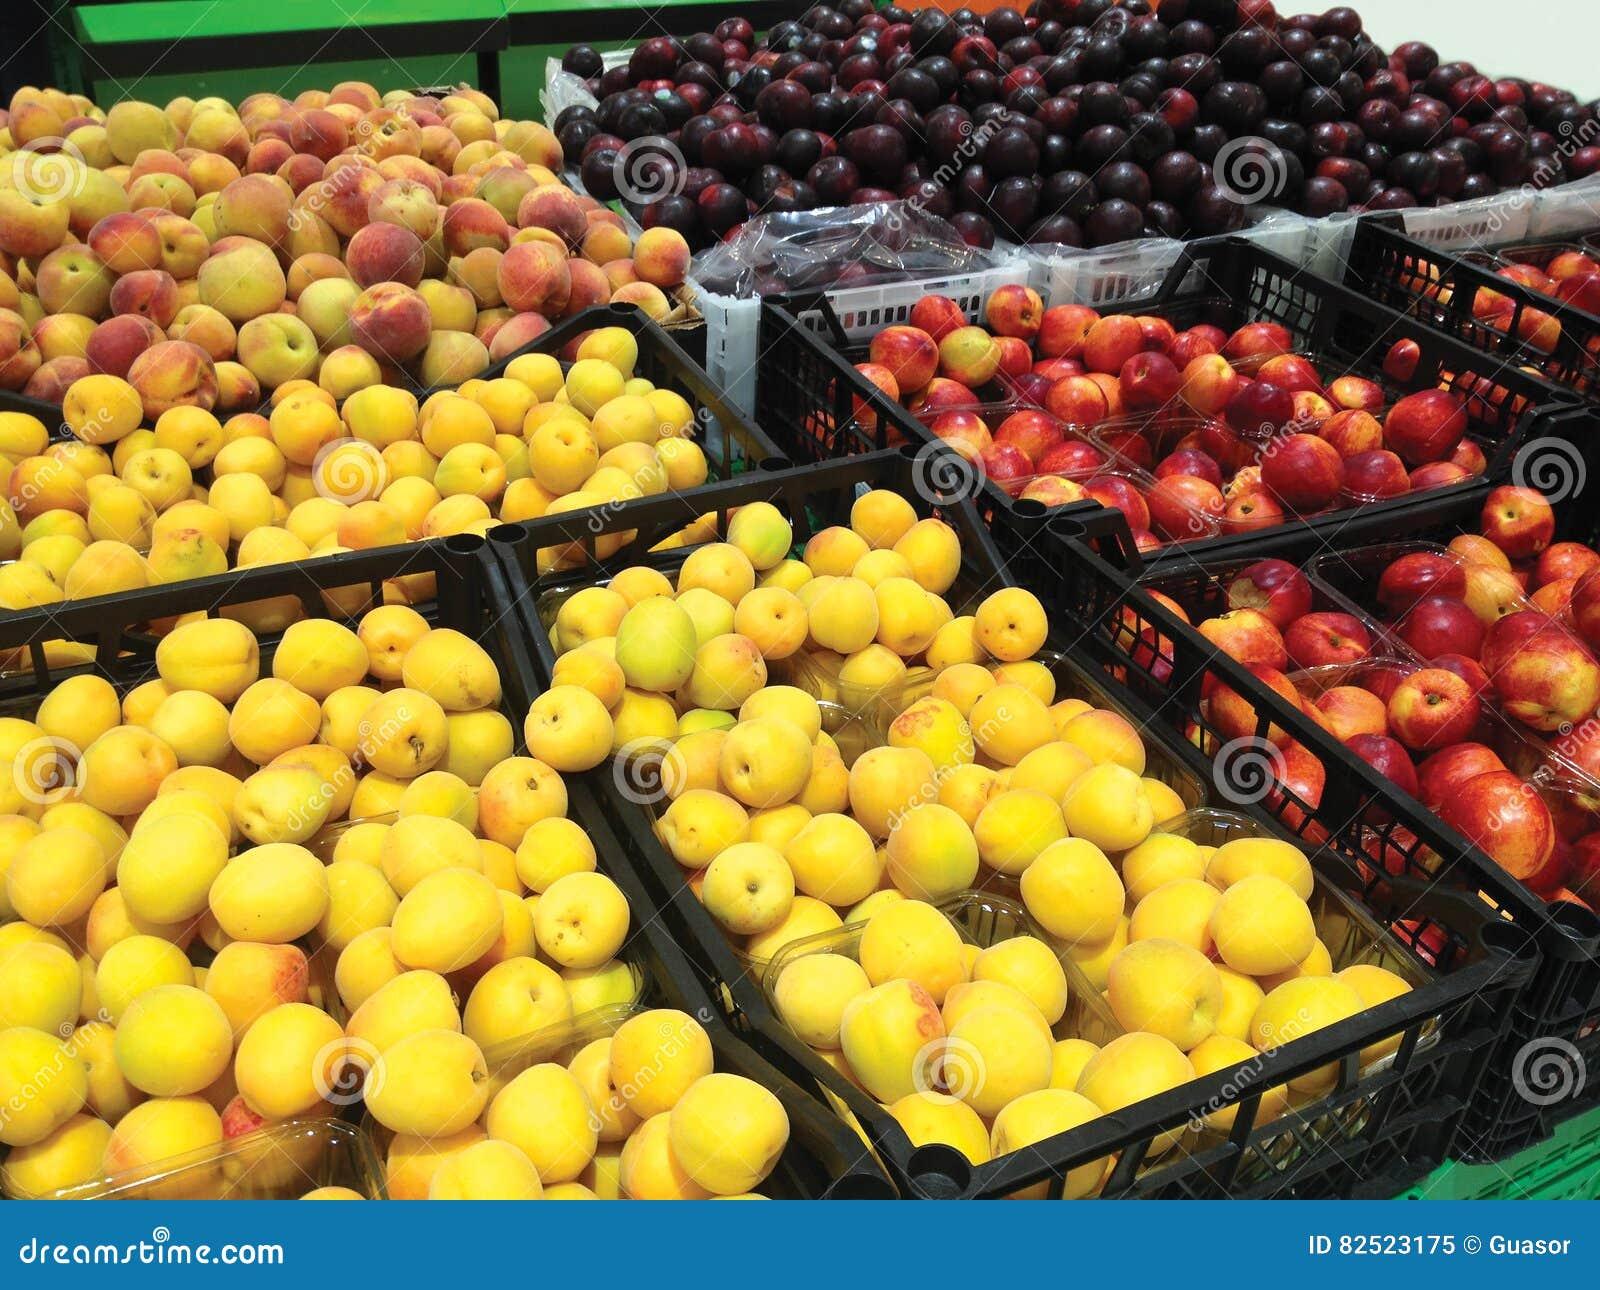 Много абрикосы, персики, нектарины и слив плодоовощей лежа в супермаркете коробок